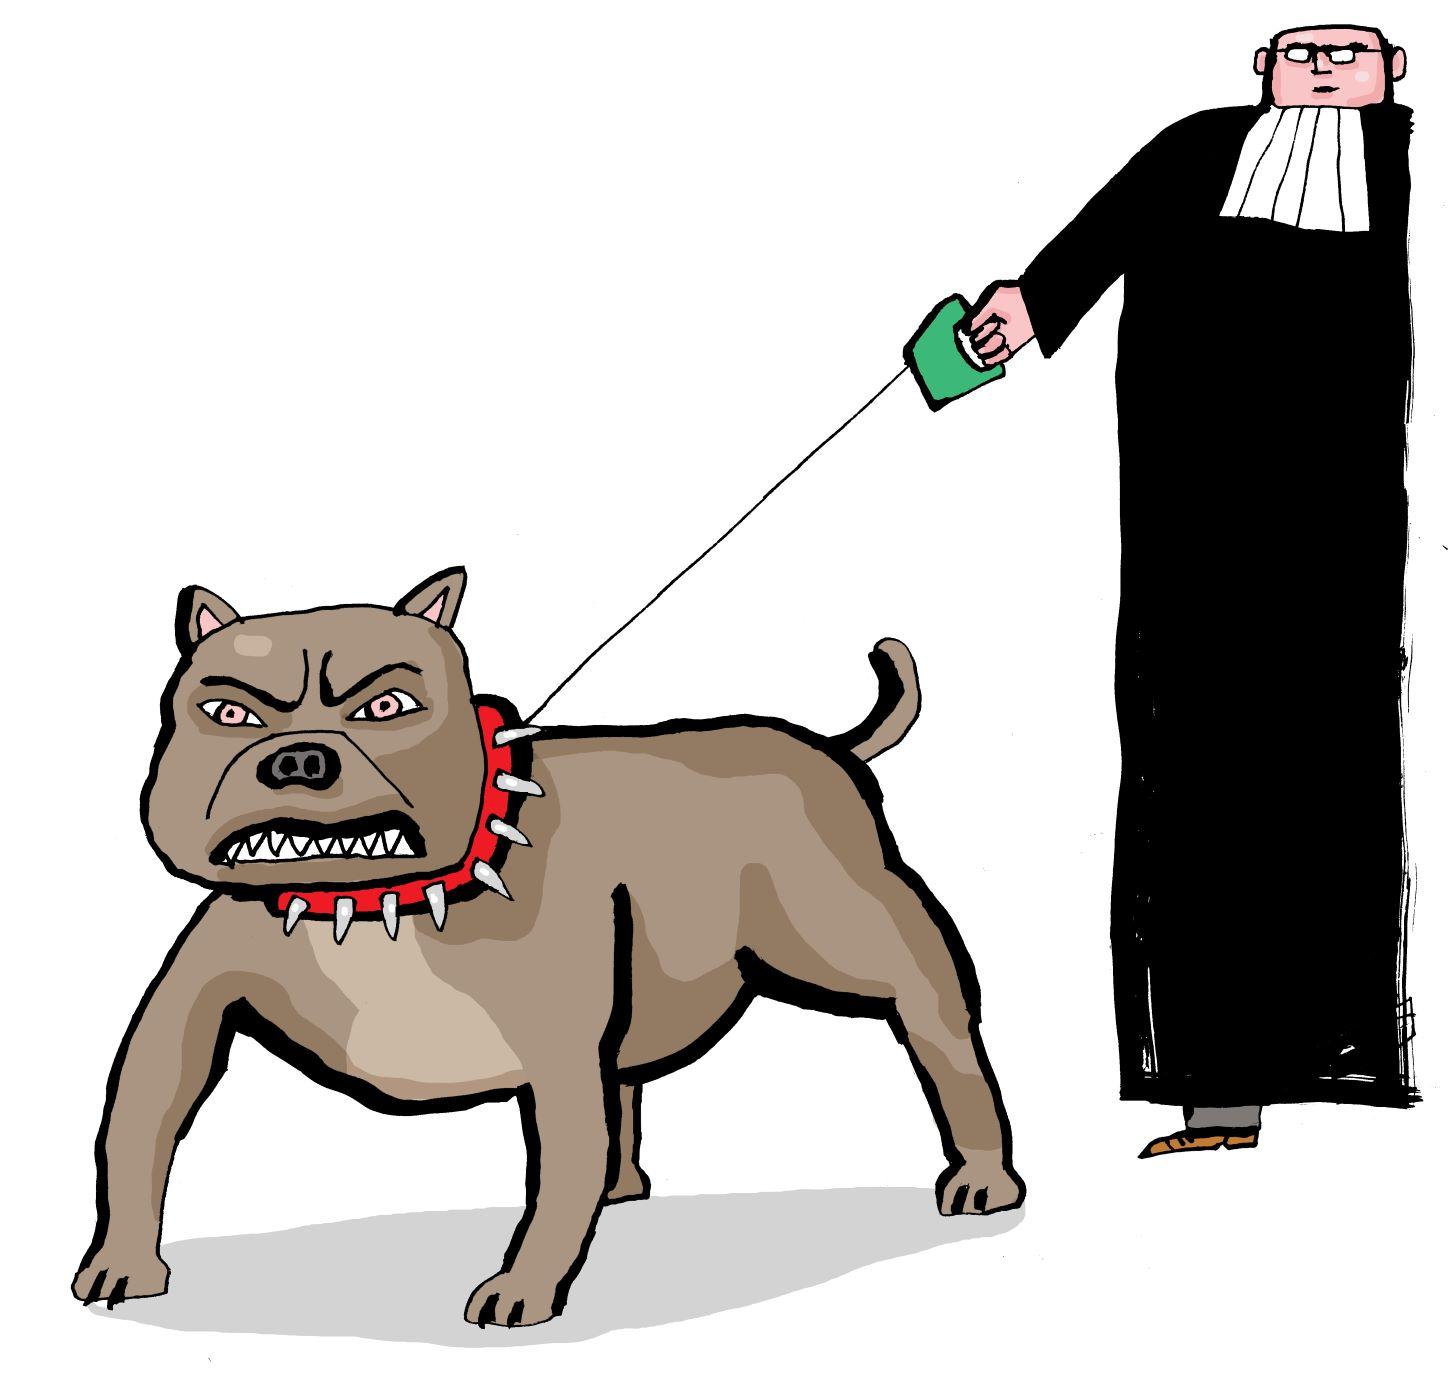 kwestie-rechtsstaat-pitbull-bas-van-der-schot